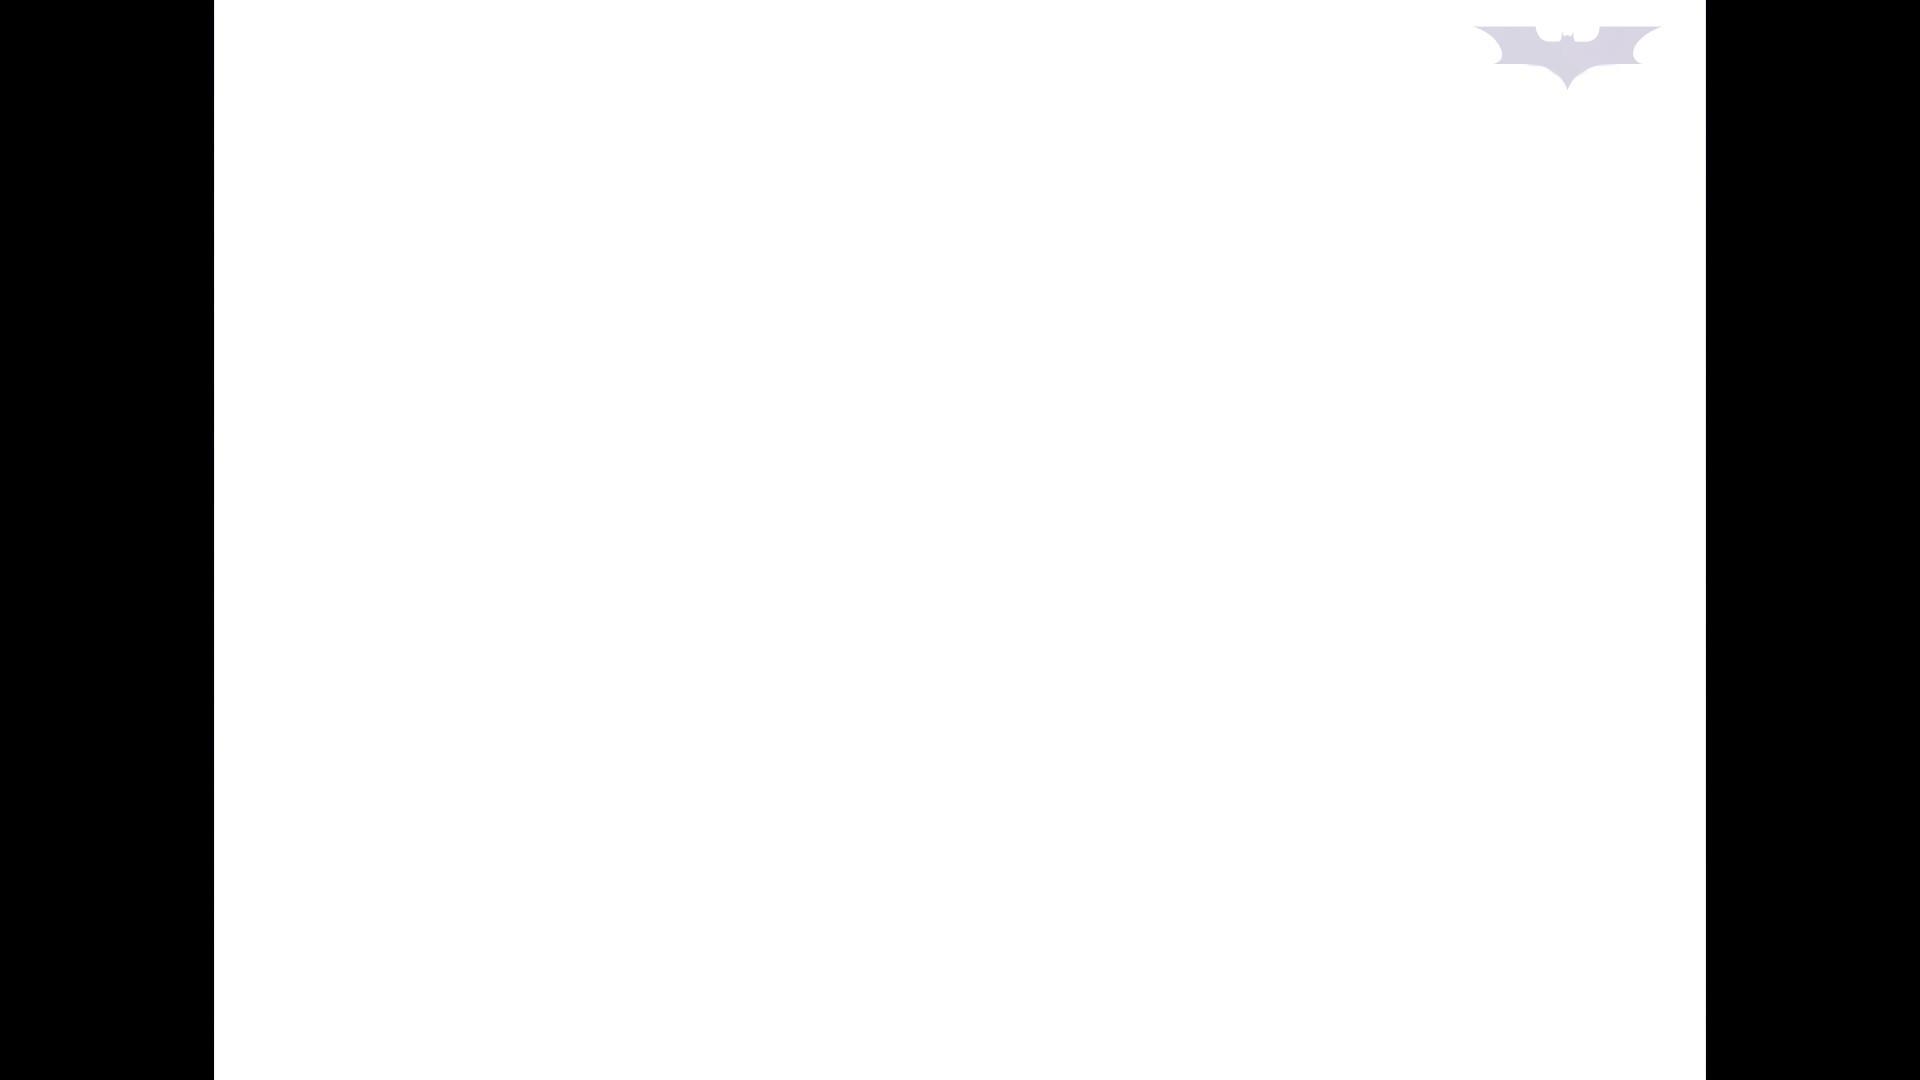 ●生マンコ綺麗にツルぴかですね 期間限定神キタ!ツルピカの放nyo!Vol.20 うんこ好き   期間限定  62連発 31